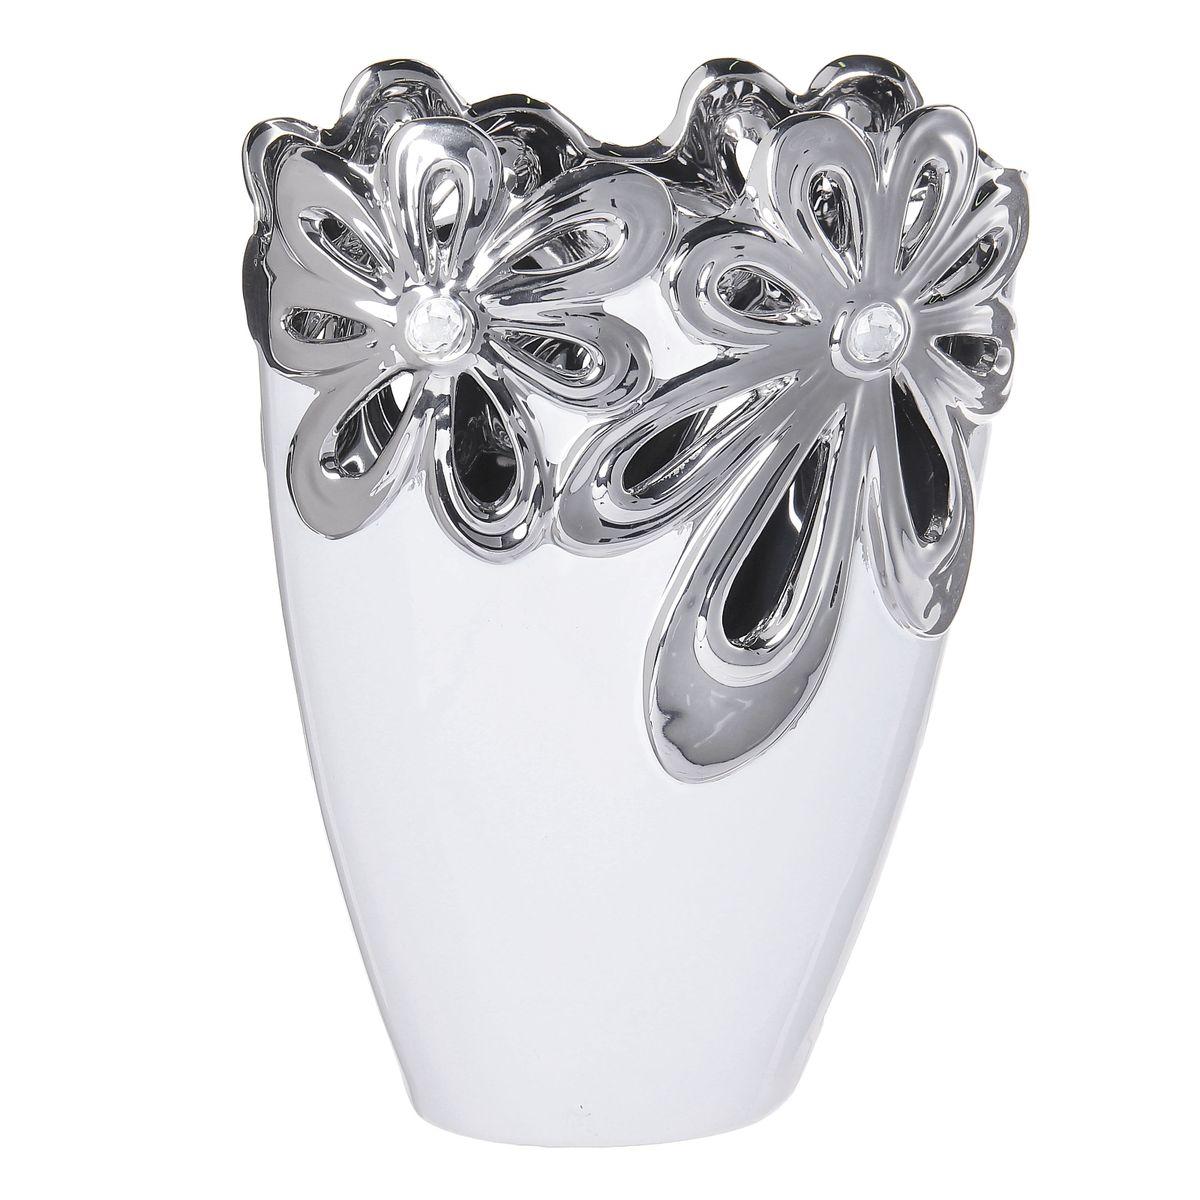 Ваза керамика цветочная иллюзия 24,5*17,5*8,5 см белая 866185866185Керамика